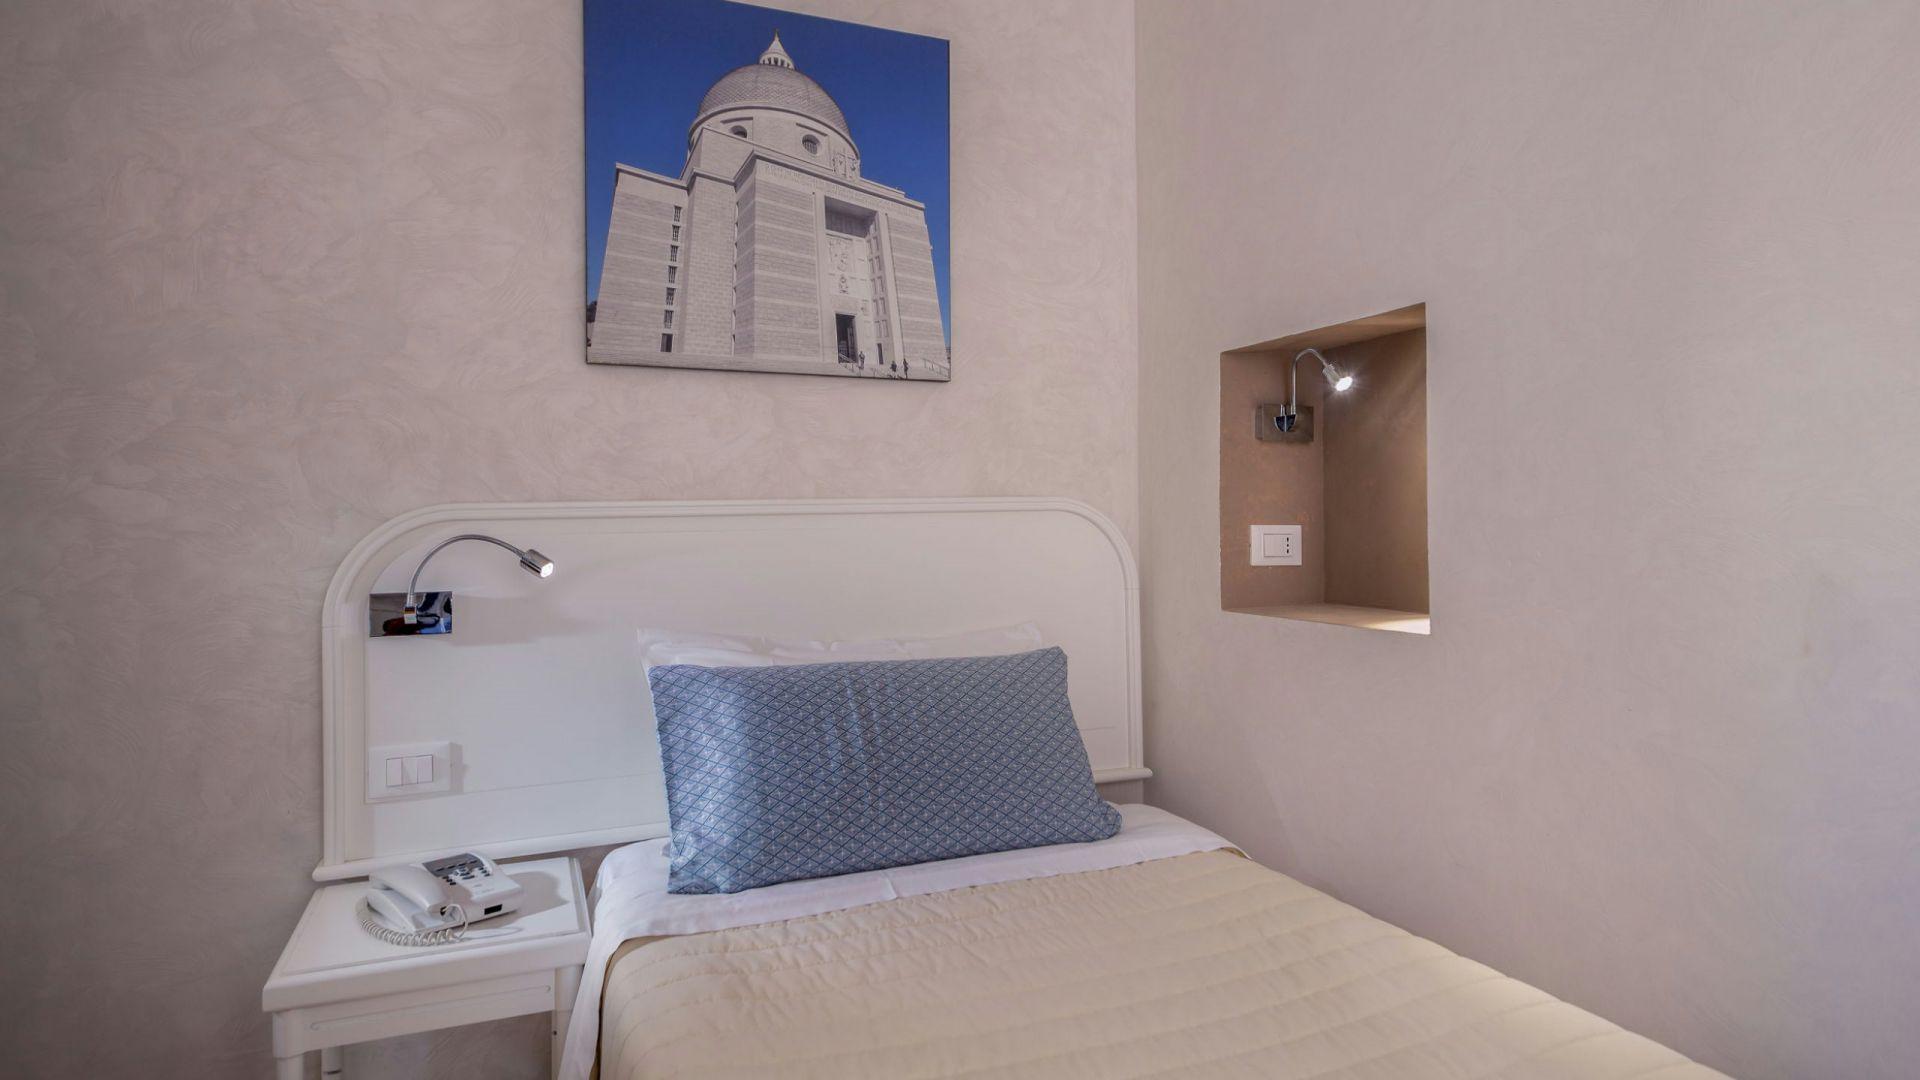 Foto-Galeria-Hotel-Oxford-Roma-quarto-20